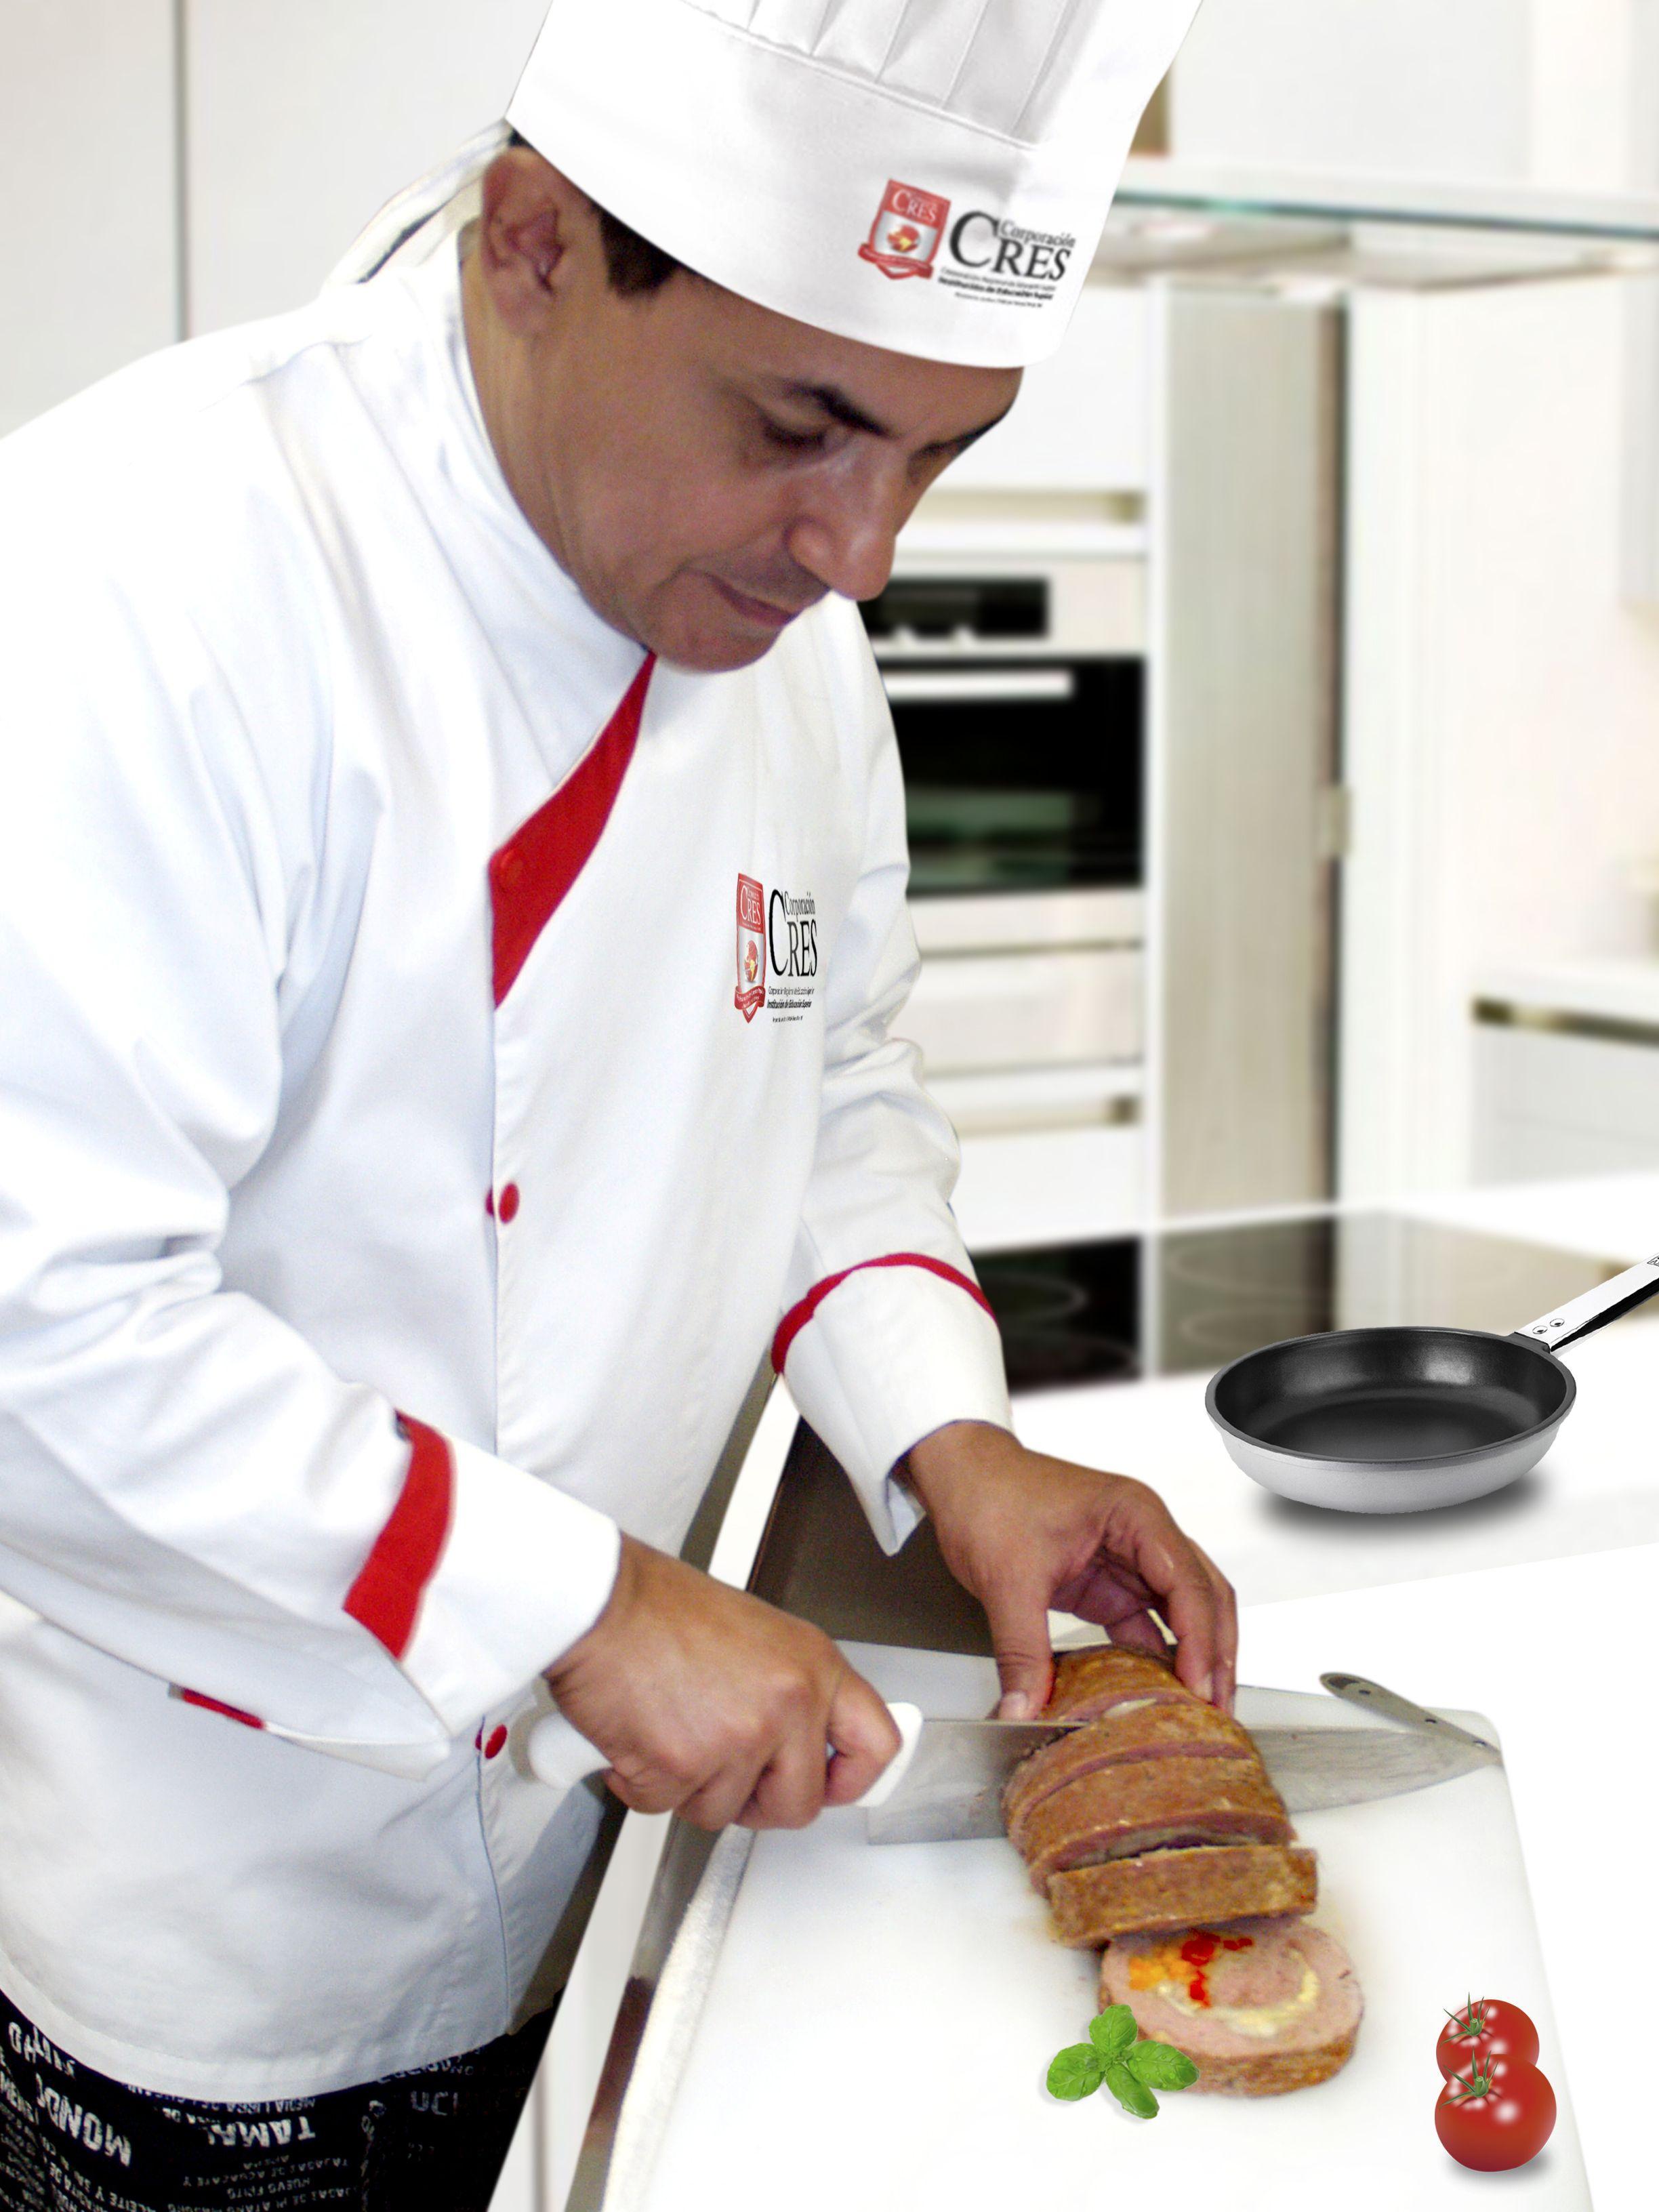 Formaté en técnico profesional en operación de servicios gastronómicos #CorpoCres #EStuDIA #MatriculateYa